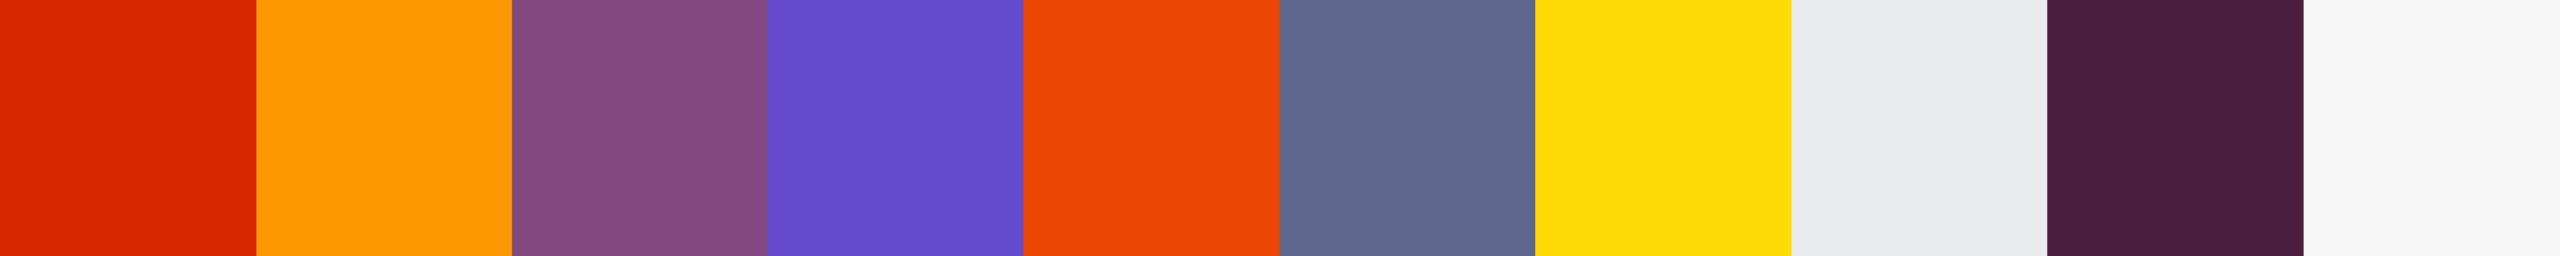 28 Haxea Color Palette